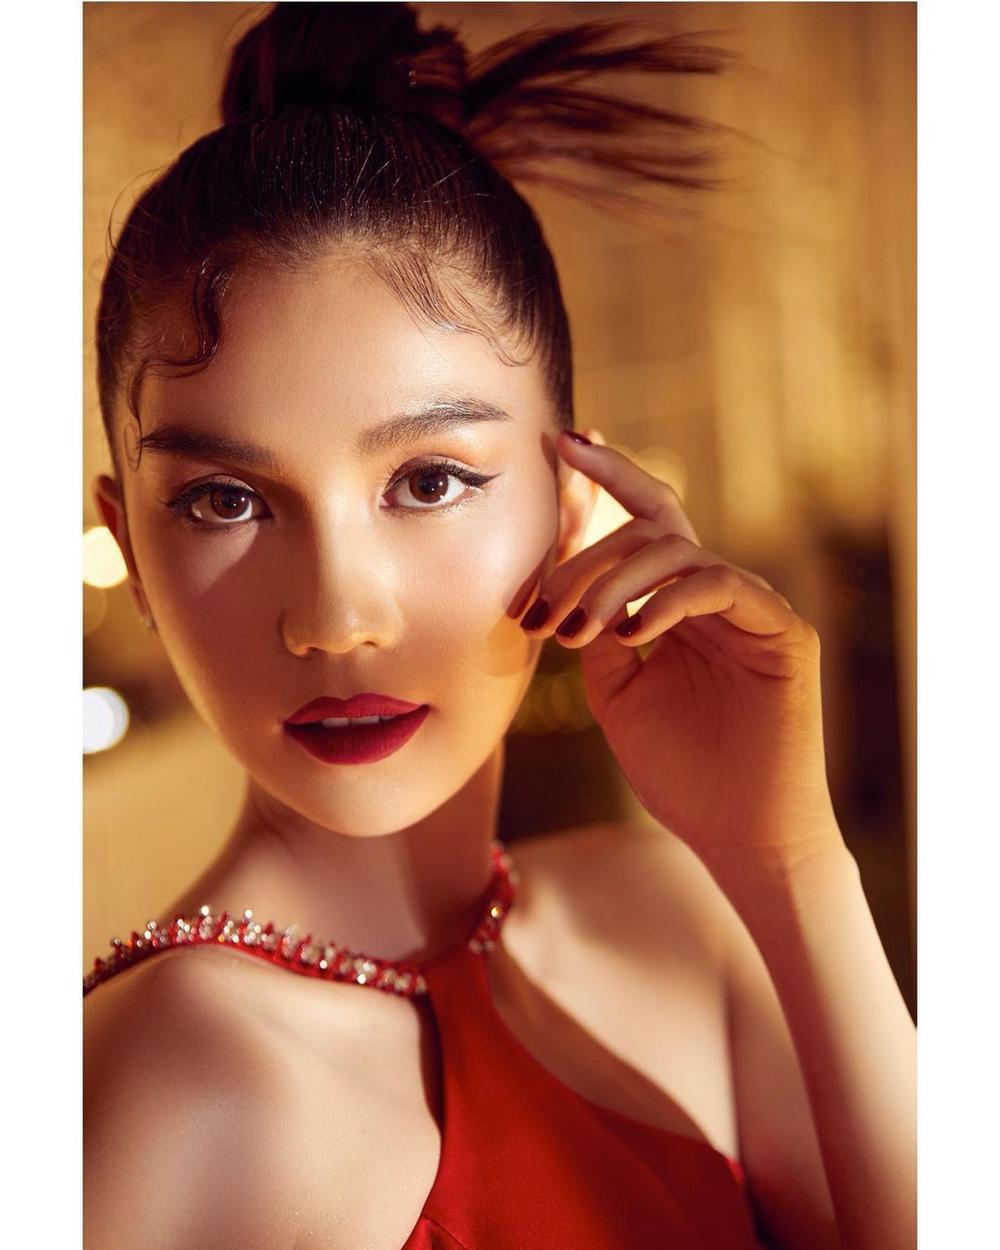 Ngọc Trinh diện váy đỏ rực khoe lưng ong mượt mà đốt mắt fan Ảnh 5